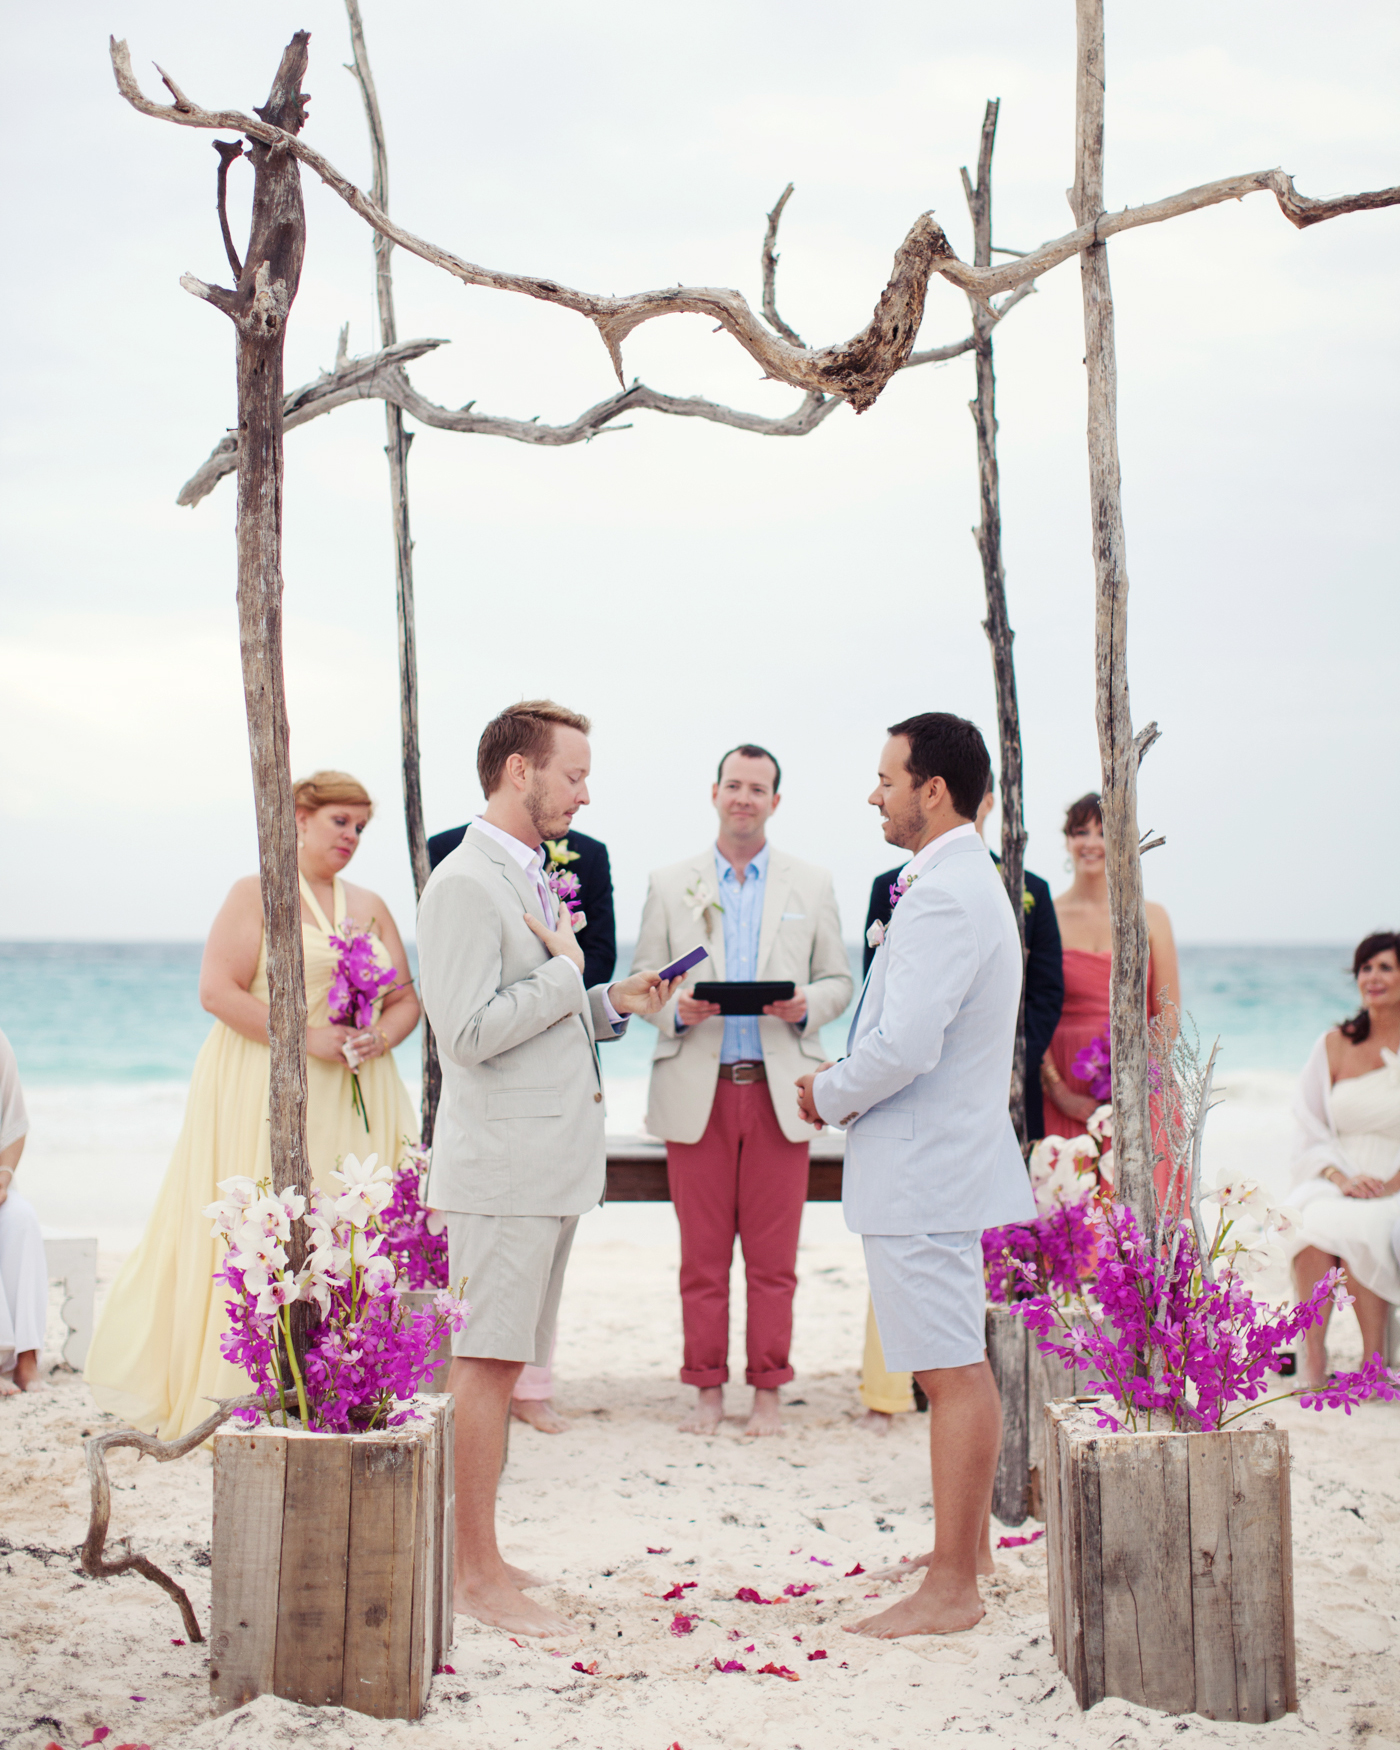 real-weddings-kevin-jamie-05292012wd-jk1387.jpg